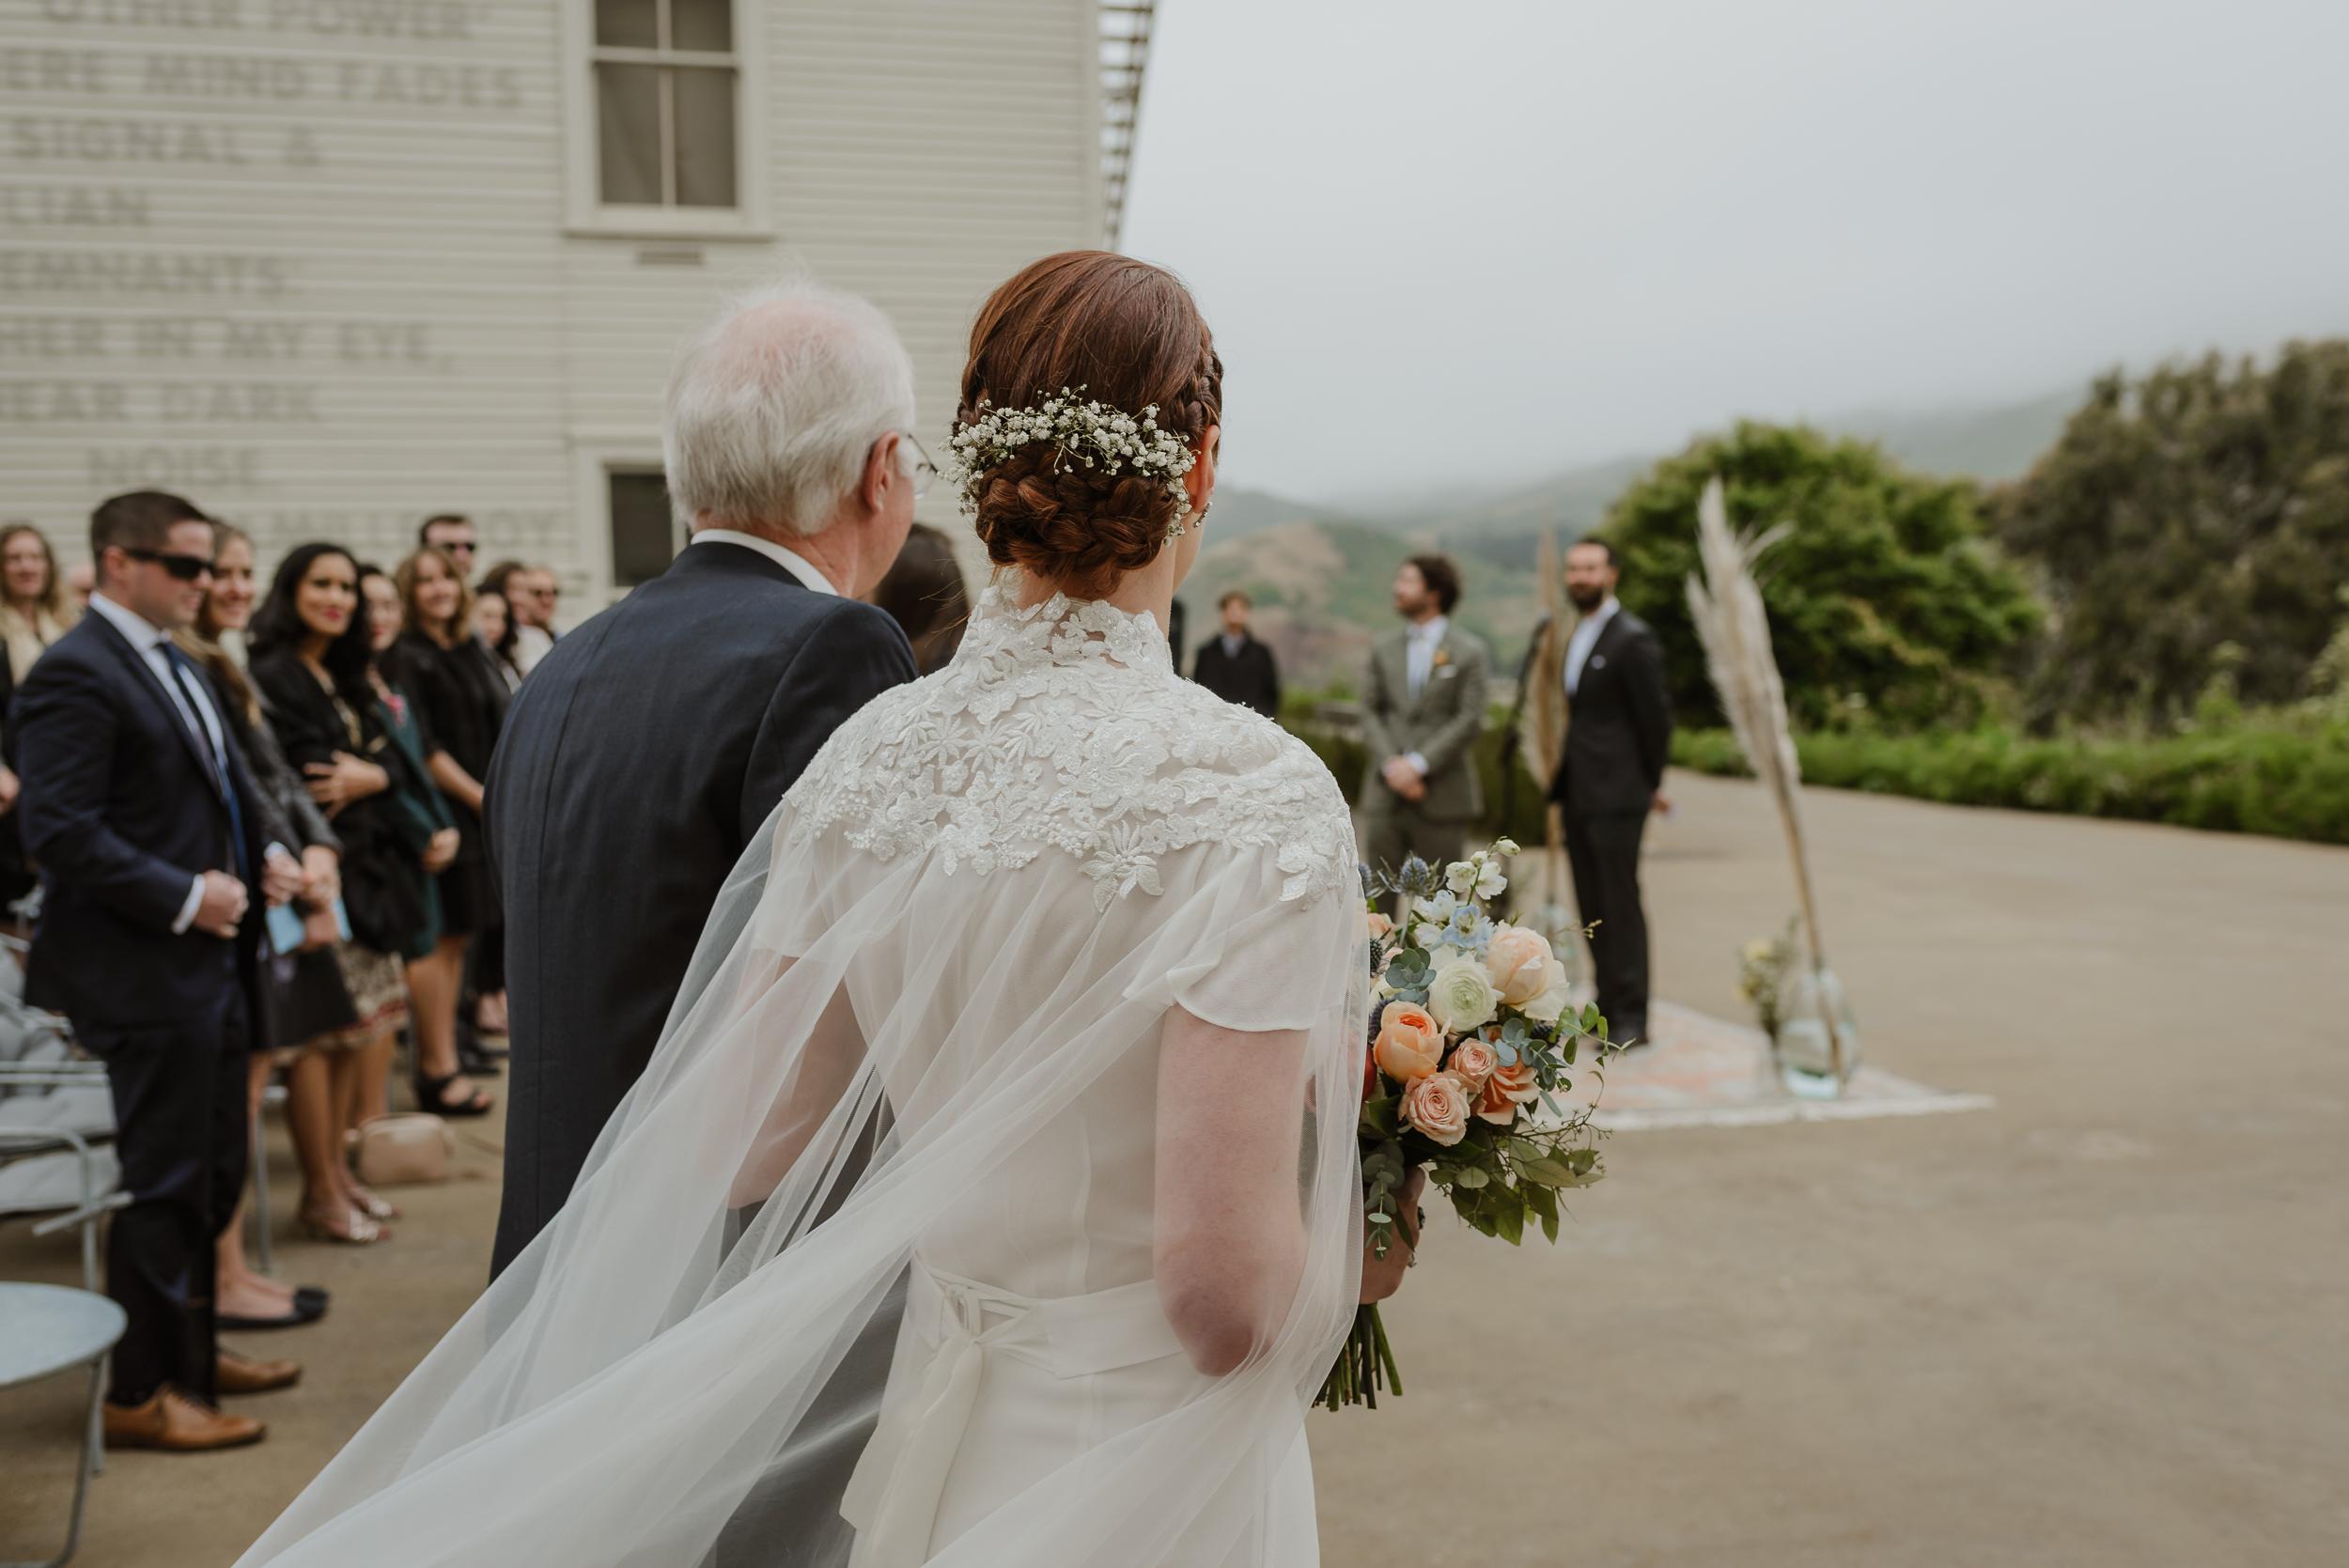 039-san-francisco-headlands-center-for-the-arts-wedding-vivianchen-163.jpg